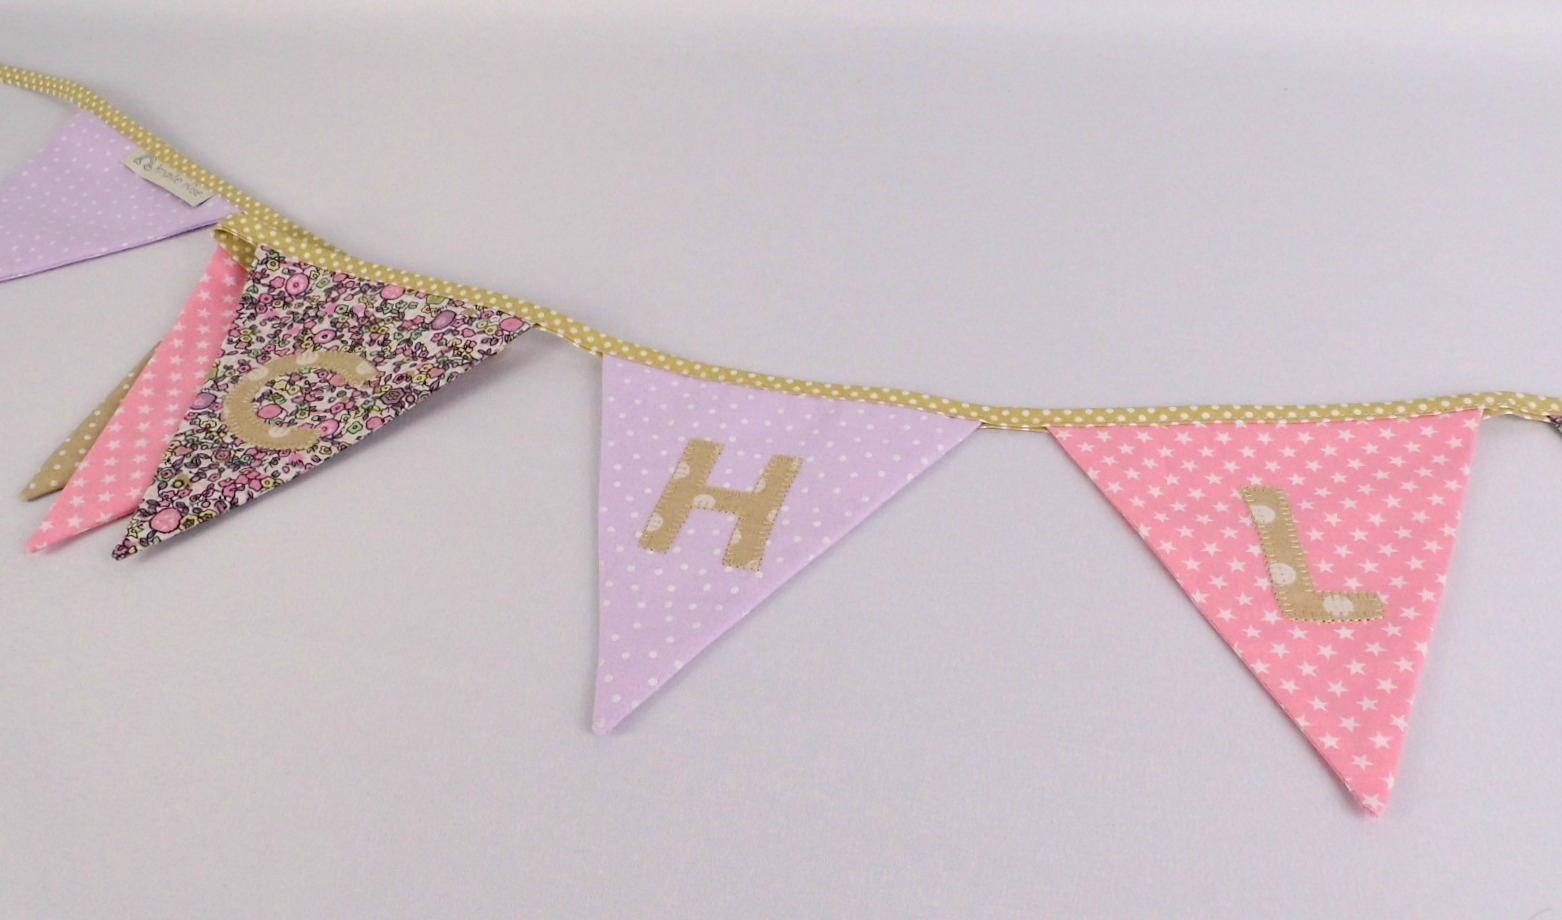 Bannière fanions personnalisable guirlande décorative personnalisable prénom Chloé liberty pois mauve parme rose poudre beige deco chambre bébé fille